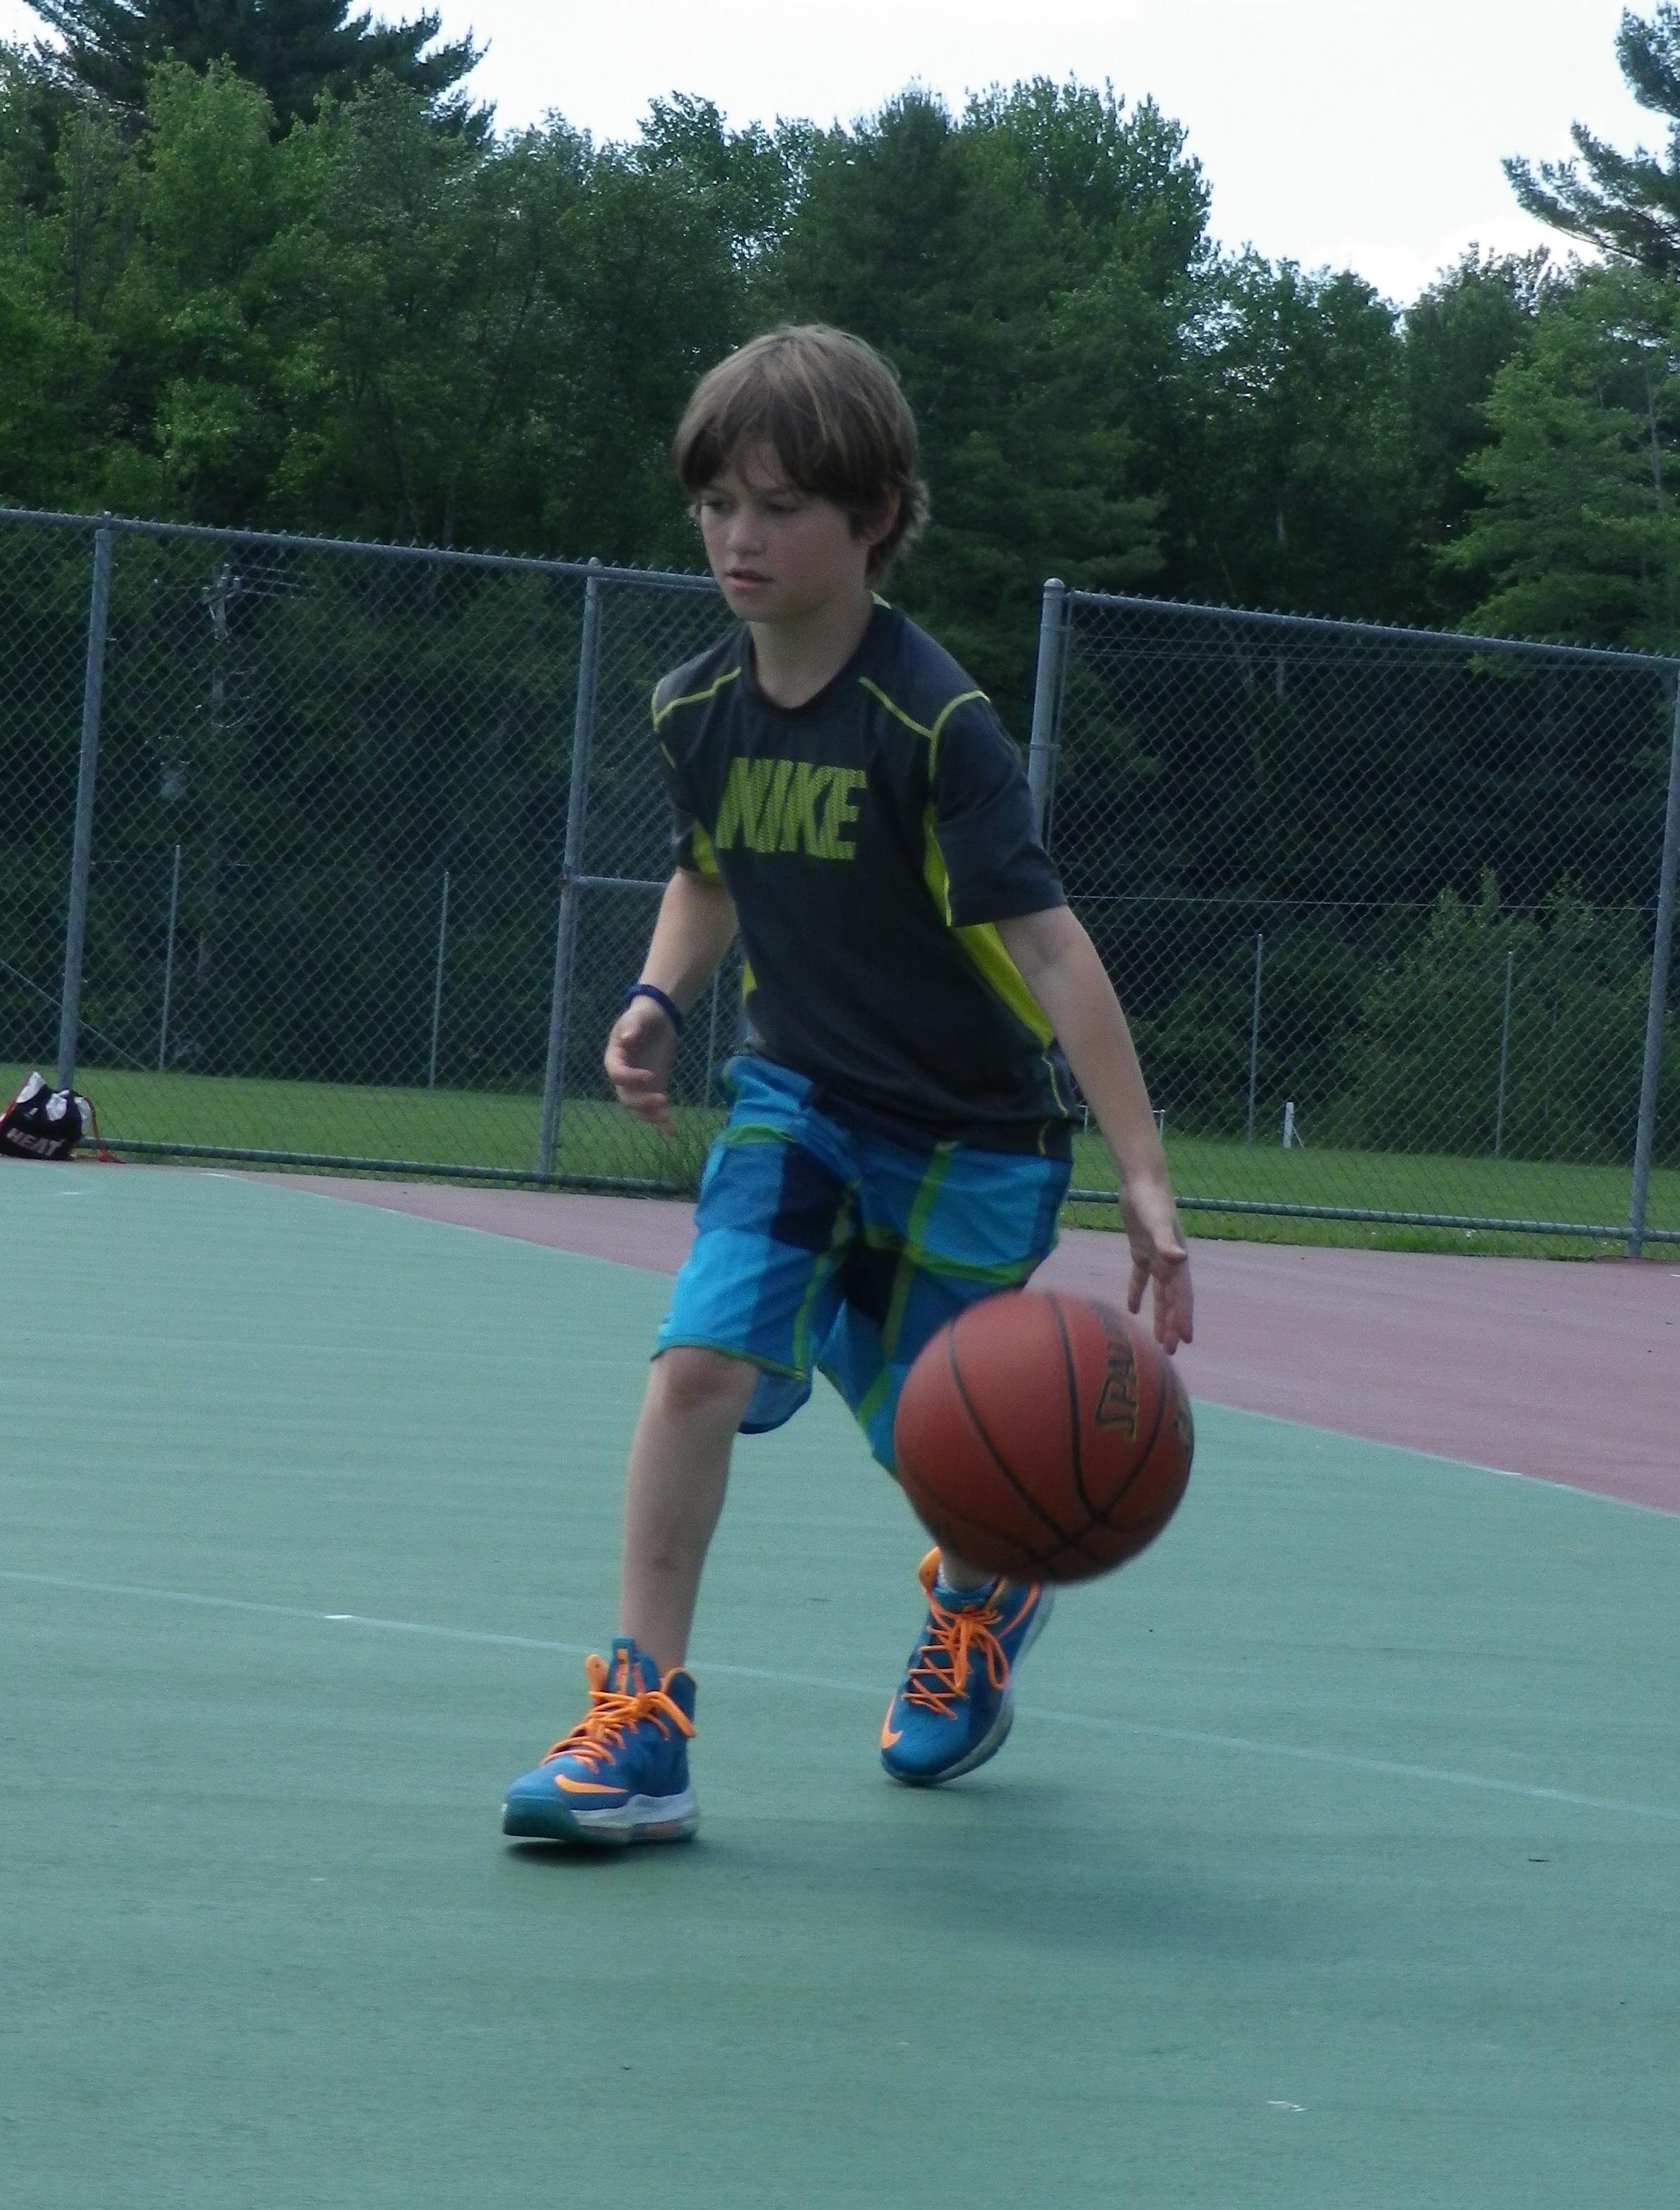 bf9d838969a107467b7e_jake_karp_basketball_cropped2.jpg